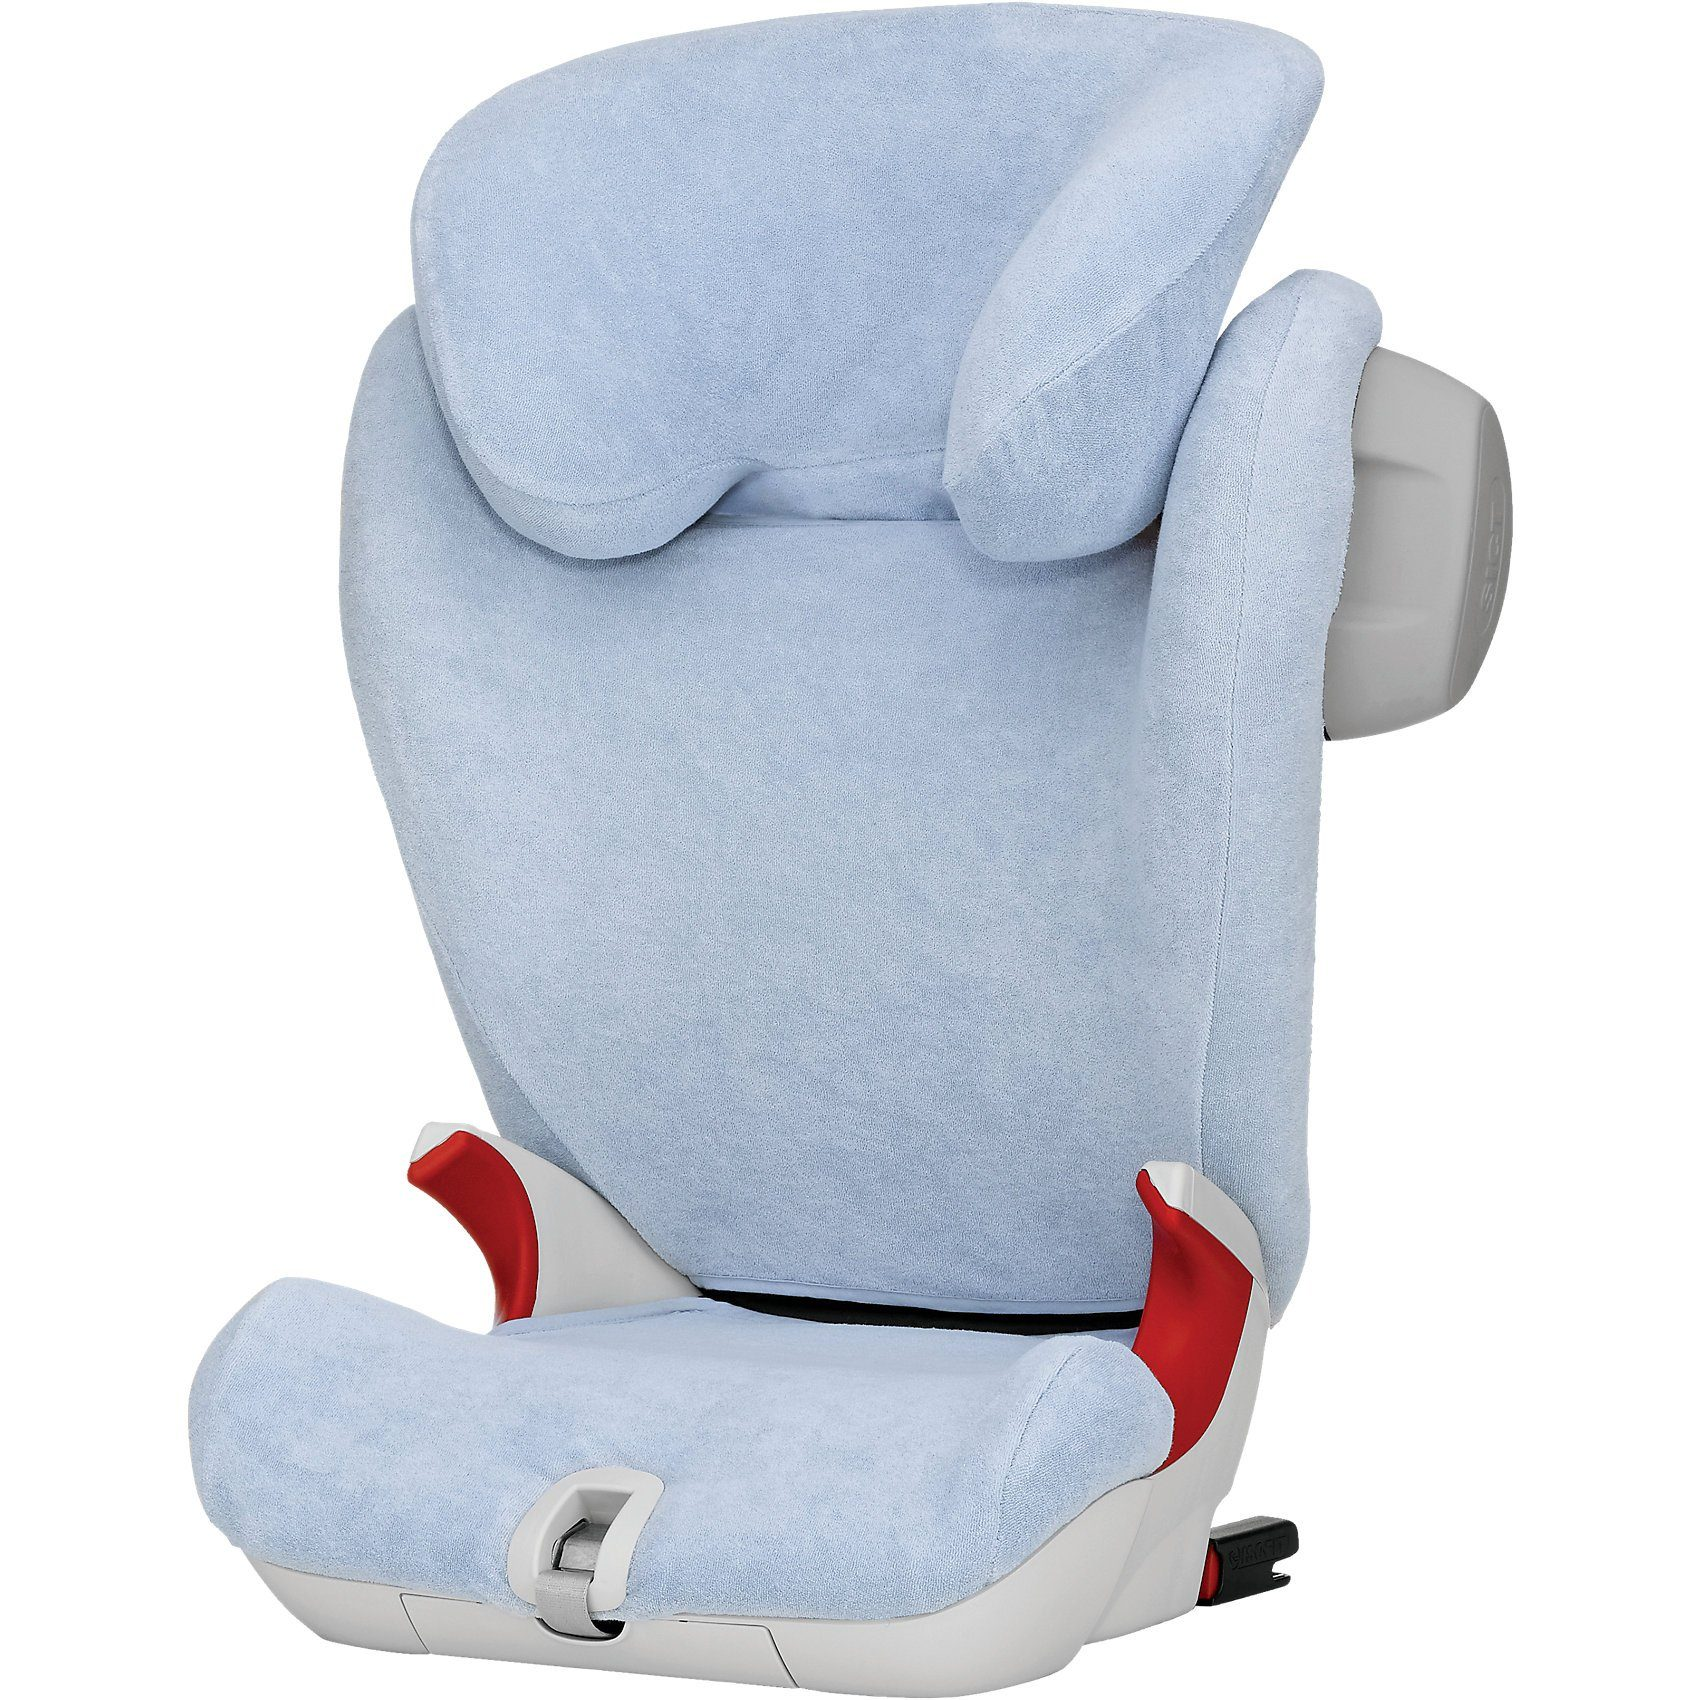 Britax Sommerbezug für Kidfix SL Sict und Kidfix SL, blau